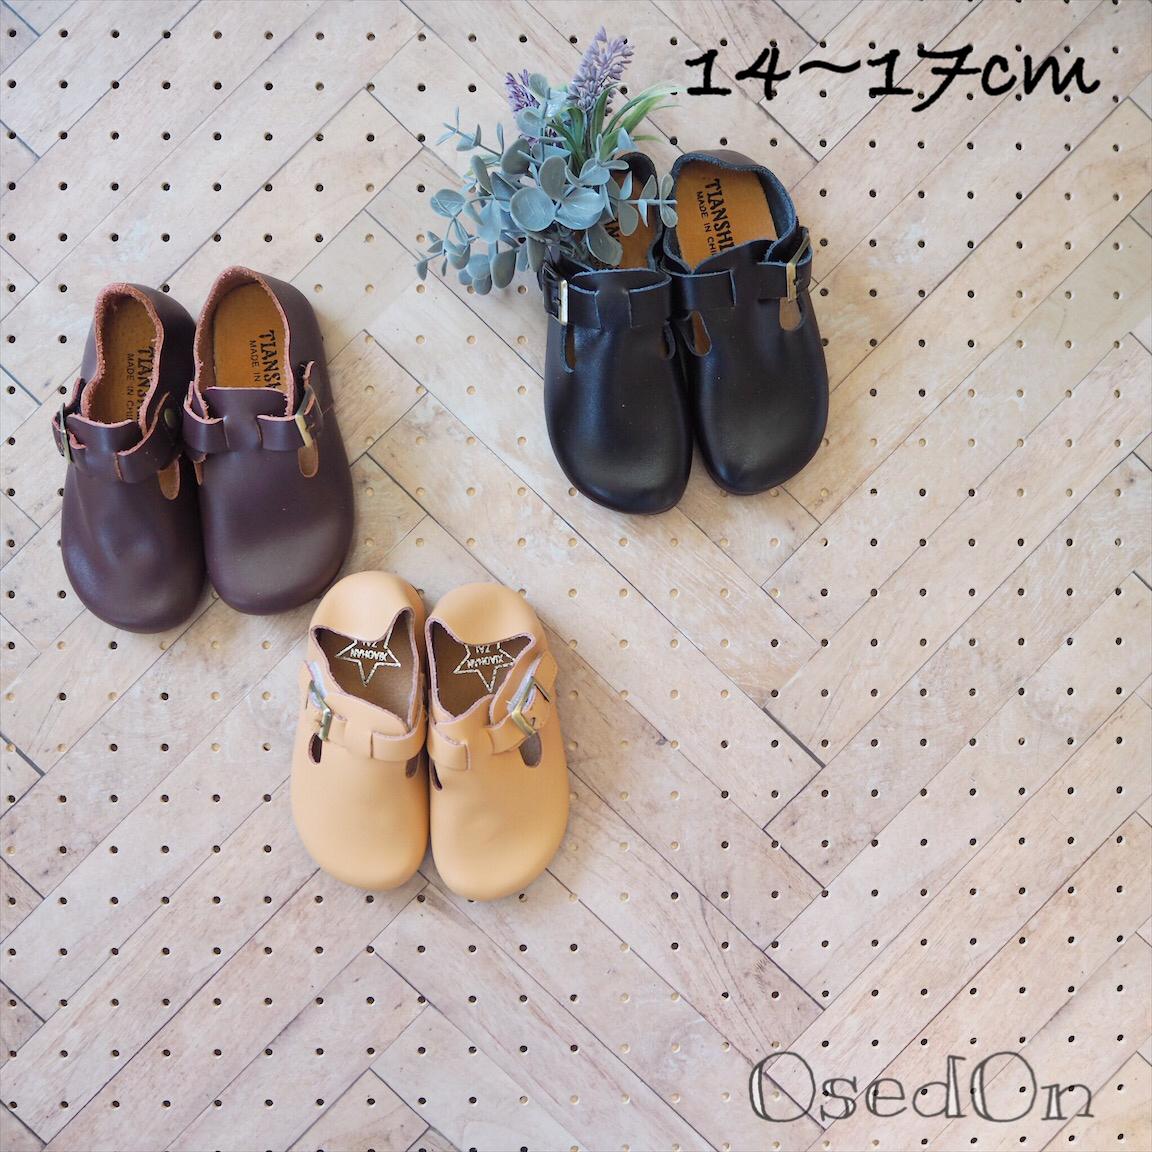 お出かけにも普段着にも!毎日履きたい♪いい感じの革靴